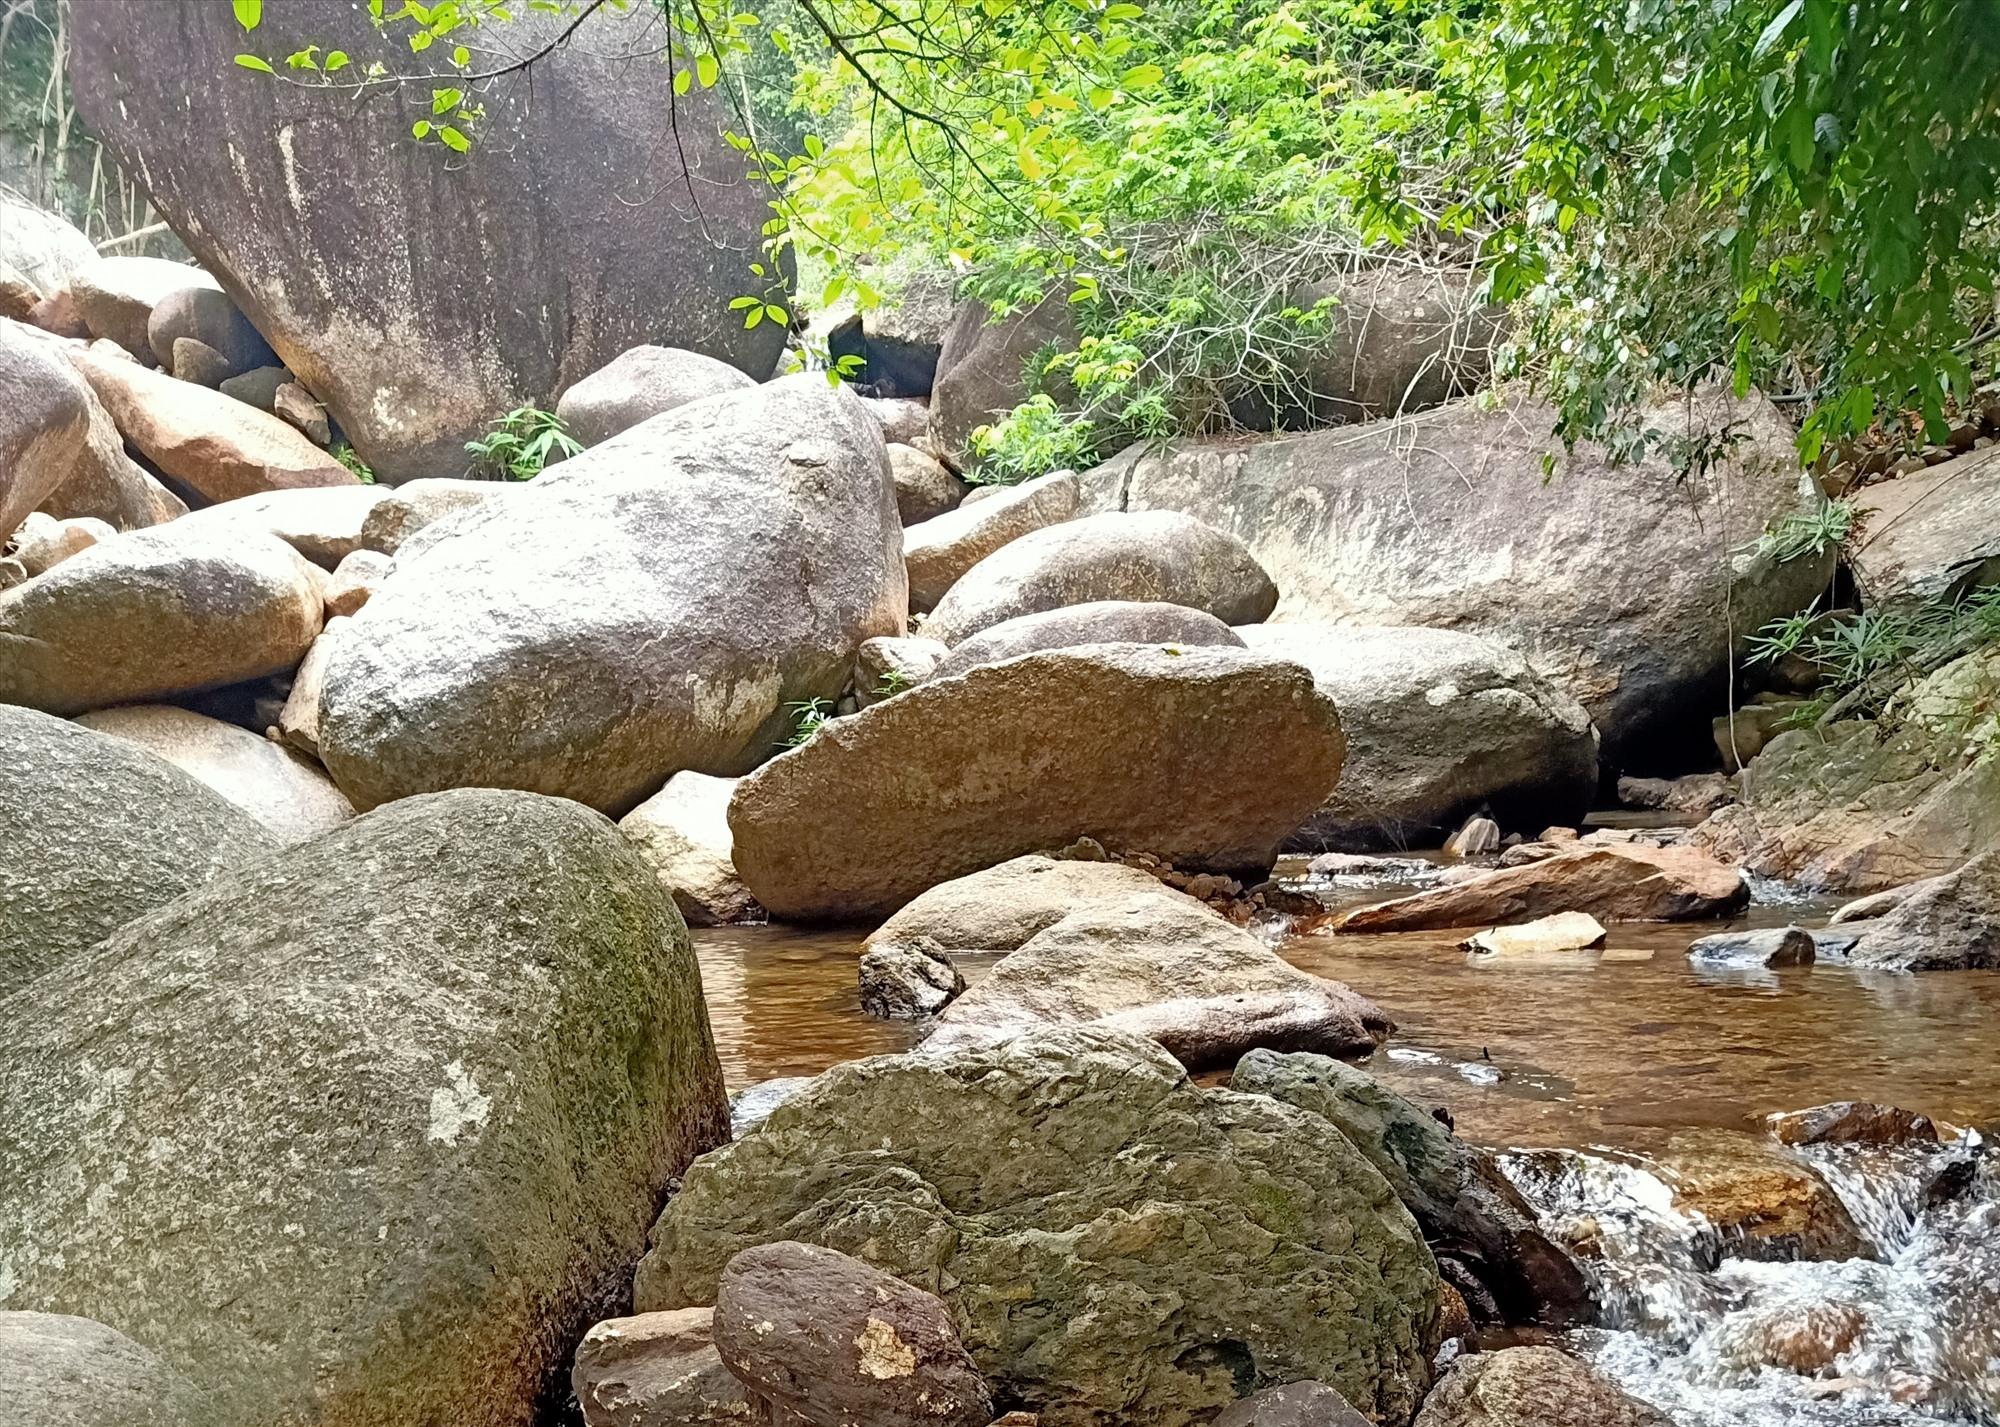 Khu vườn rừng Suối Xanh (Đại Đồng, Đại Lộc), điểm đến thú vị của du khách. Ảnh: TRIÊU NHAN